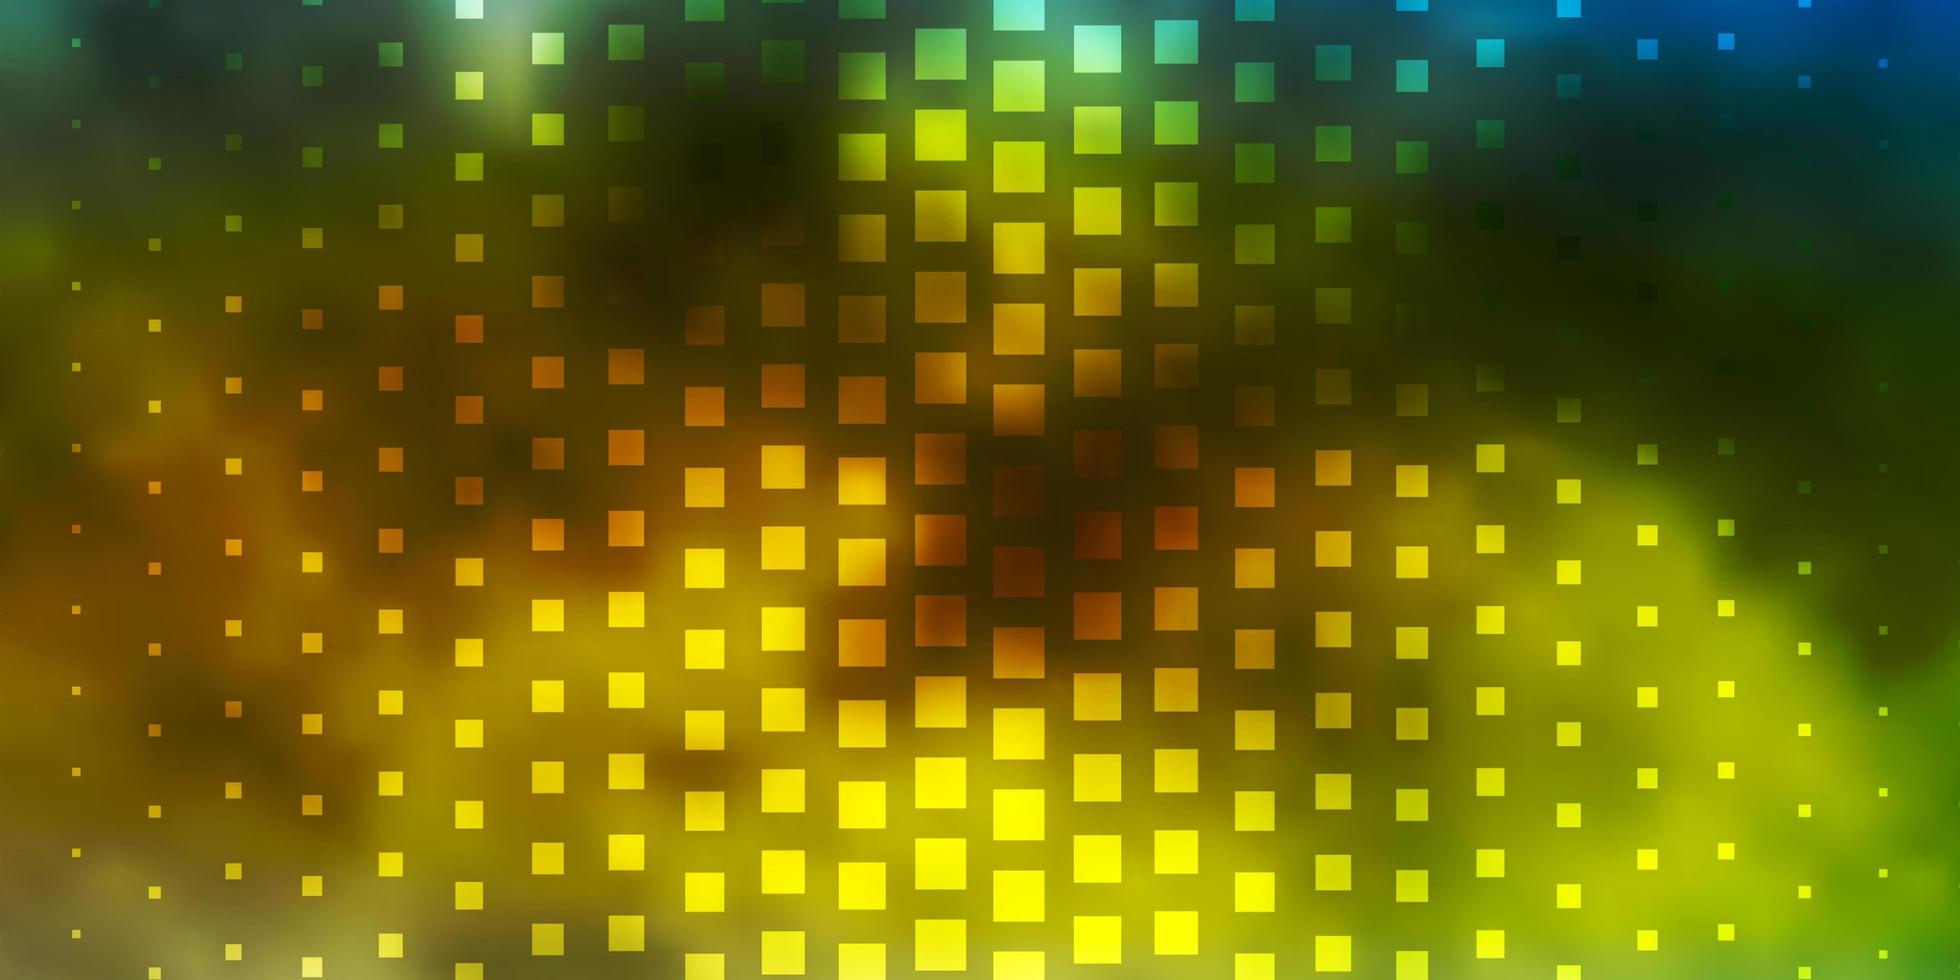 ljusblått, gult vektormönster i fyrkantig stil. vektor